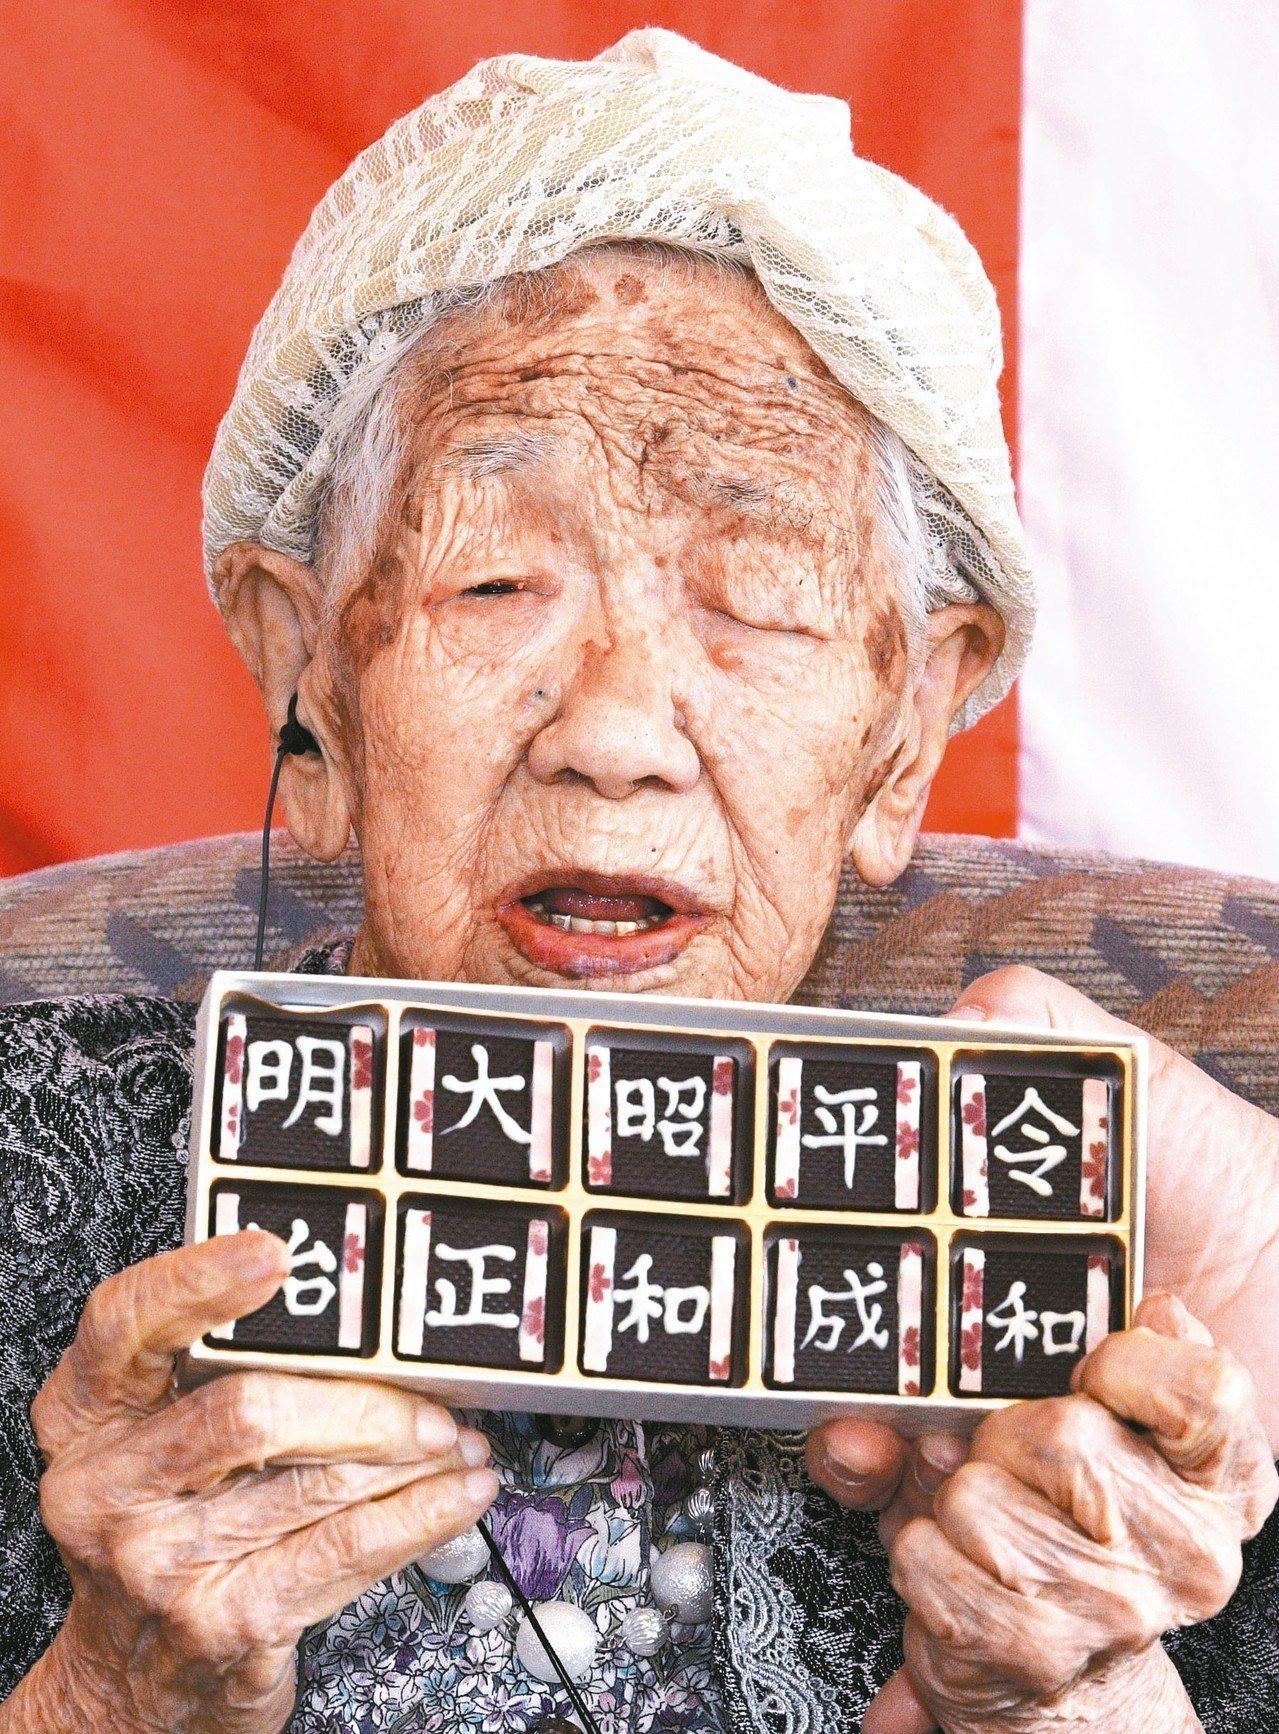 金氏世界紀錄認證全球最年長的人、一百一十六歲的日本婦人田中加子,生於明治卅六年,...